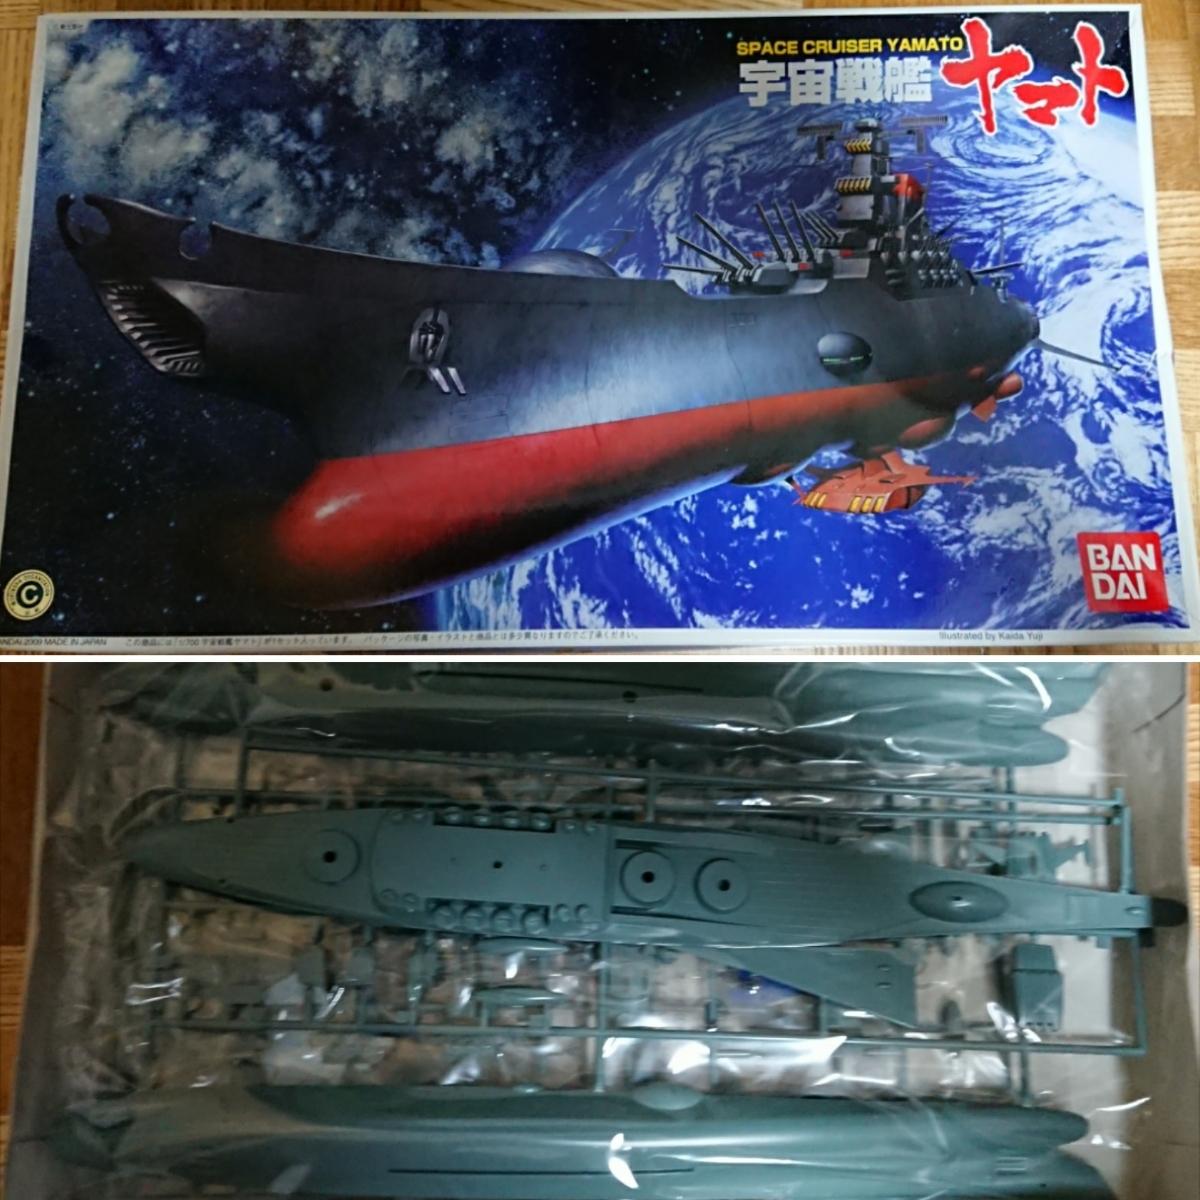 宇宙戦艦ヤマト プラモデル 1:700 スケールモデル SPACE CRUISER FINAL YAMATO BANDAI バンダイ 2009年製 プラスチックモデルシリーズ